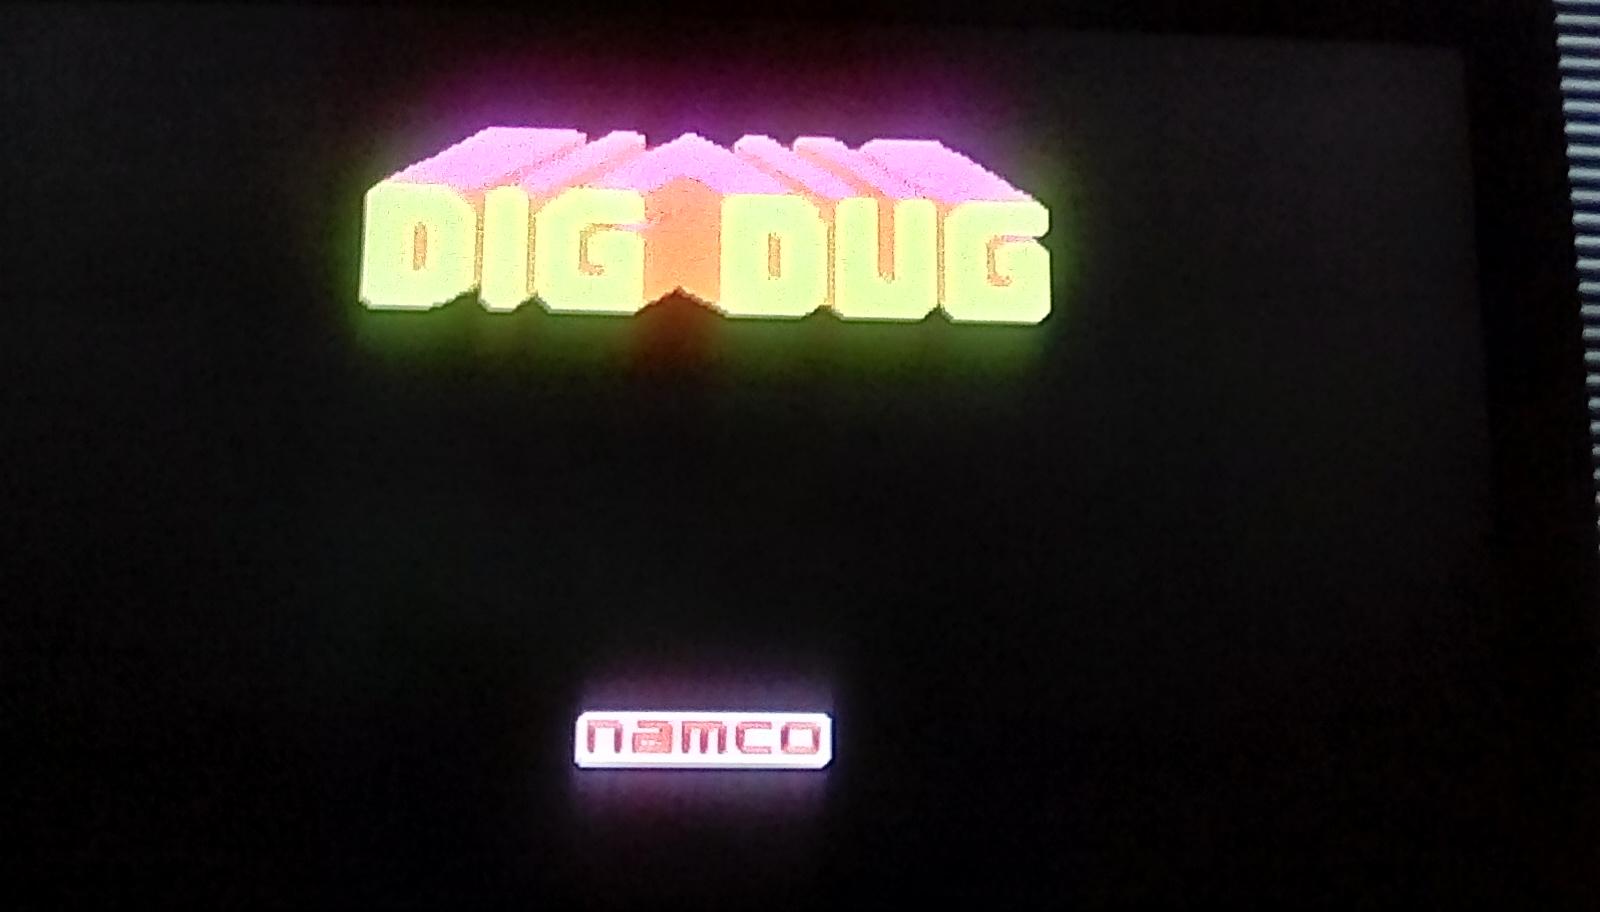 Dig Dug 690 points